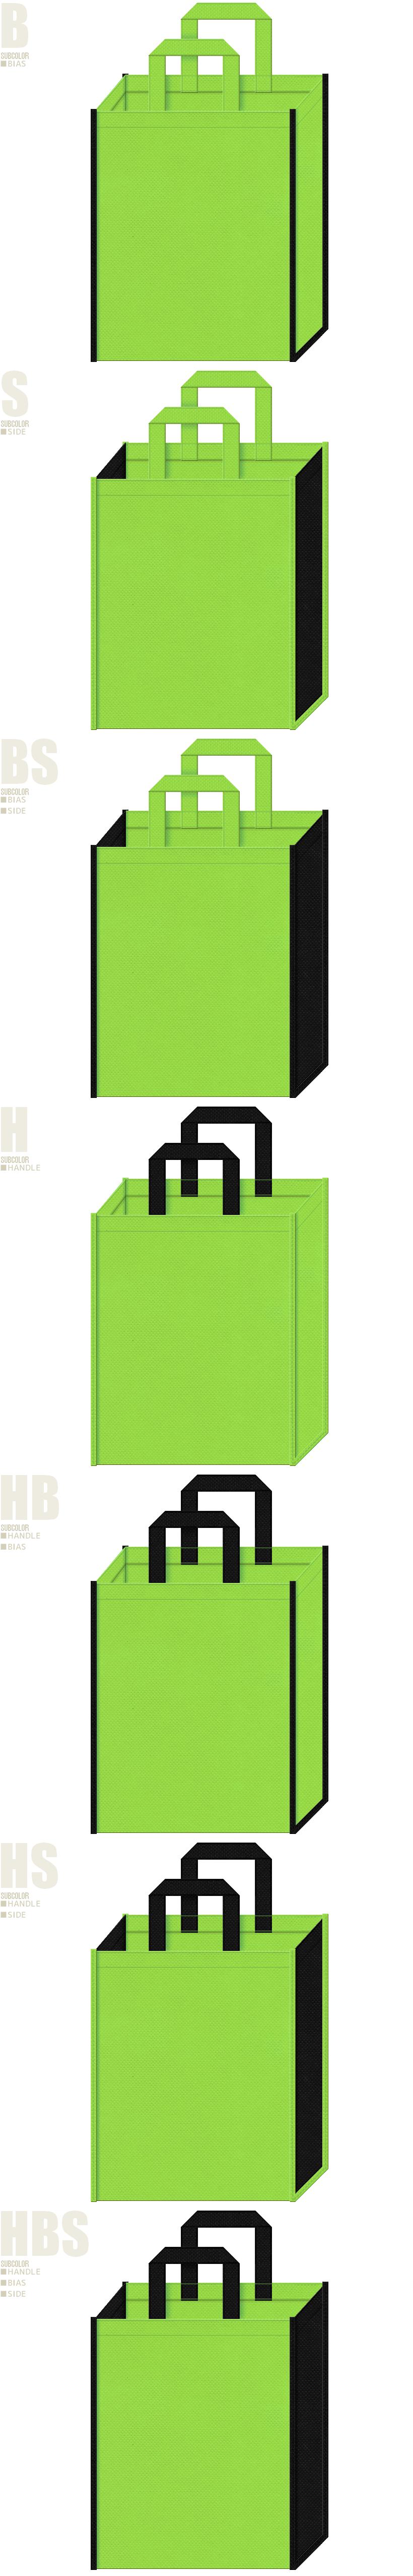 ユニフォーム・運動靴・アウトドア・スポーツイベント・スポーティーファッション・スポーツ用品の展示会用バッグにお奨めの不織布バッグデザイン:黄緑色と黒色の配色7パターン